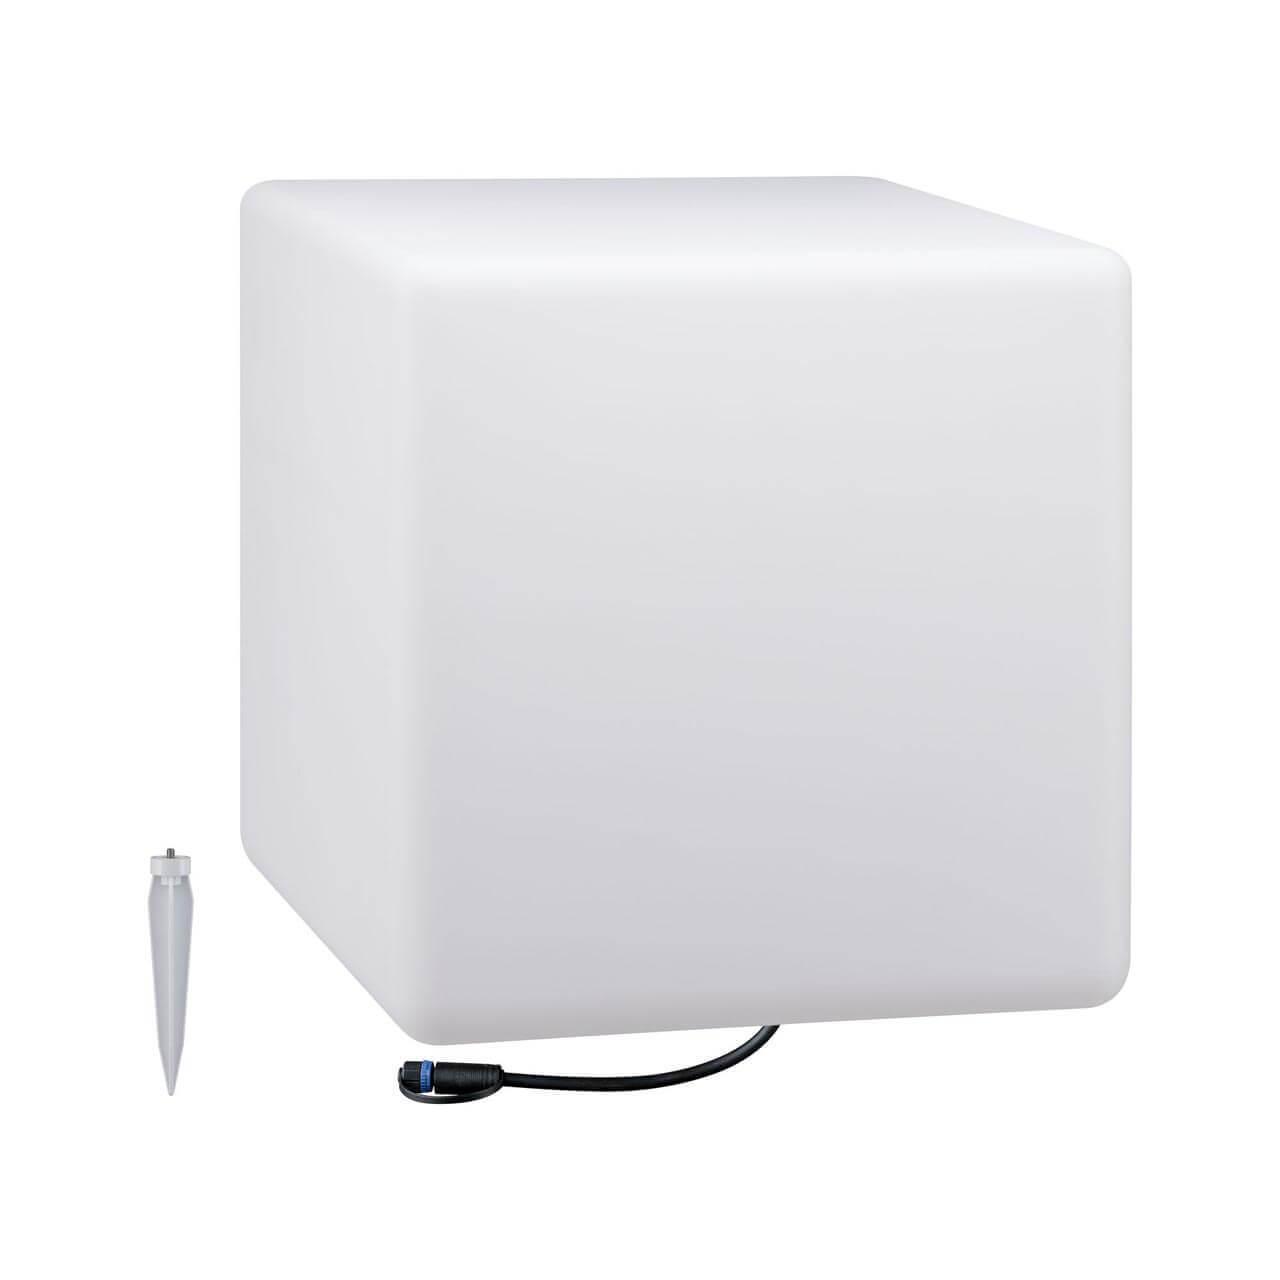 Уличный светодиодный светильник Paulmann Lichtobjekt Cube 94182 недорого